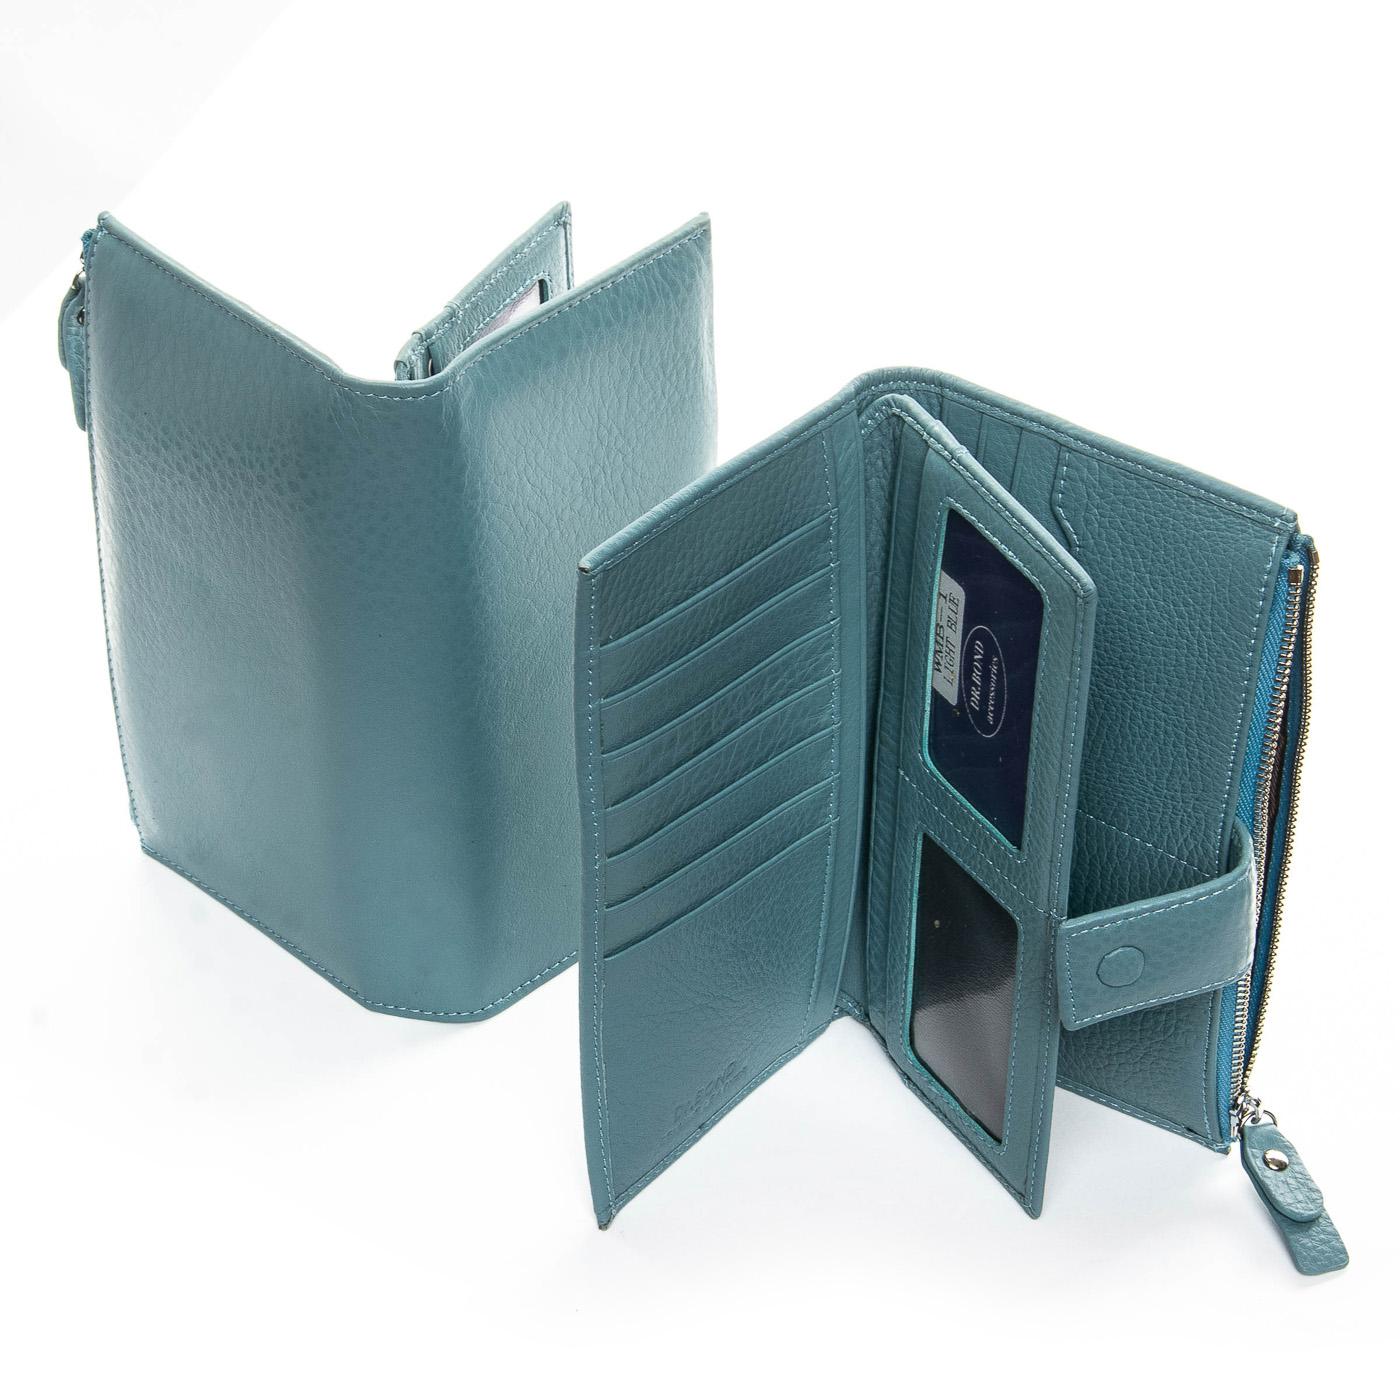 Кошелек Classic кожа DR. BOND WMB-1 light-blue - фото 4